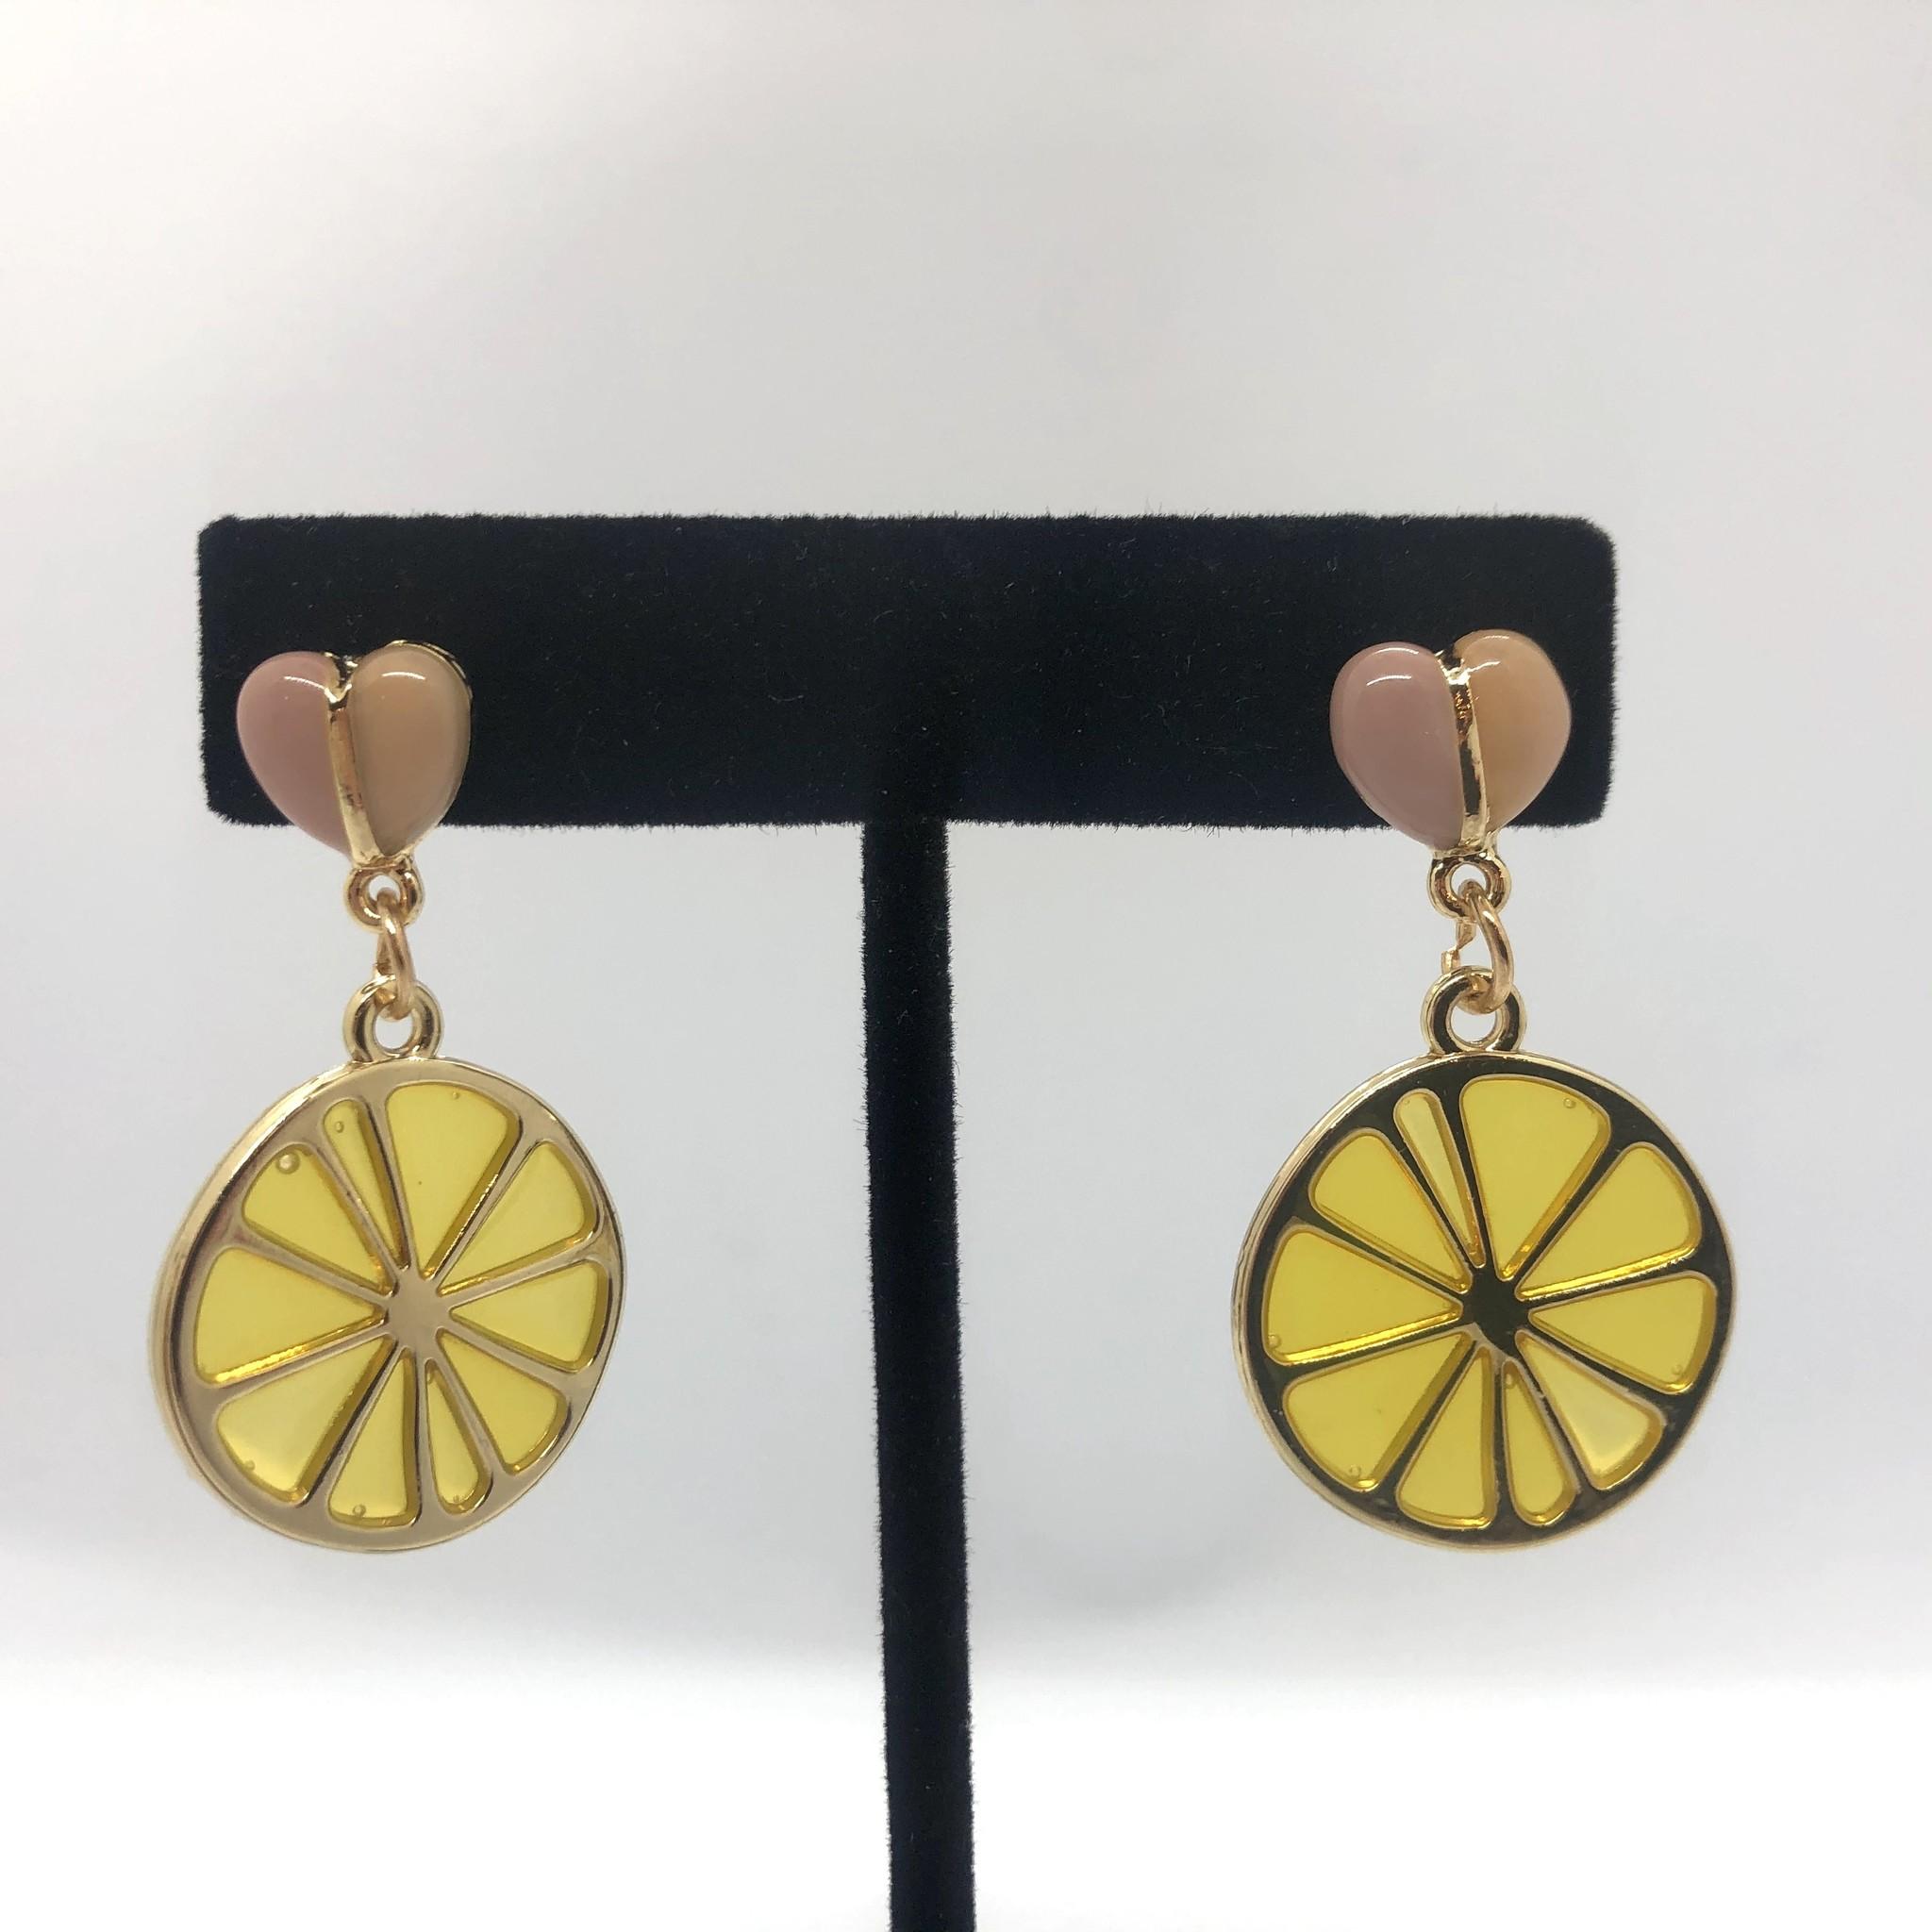 Sooley Designs Lemon Hearts Earrings